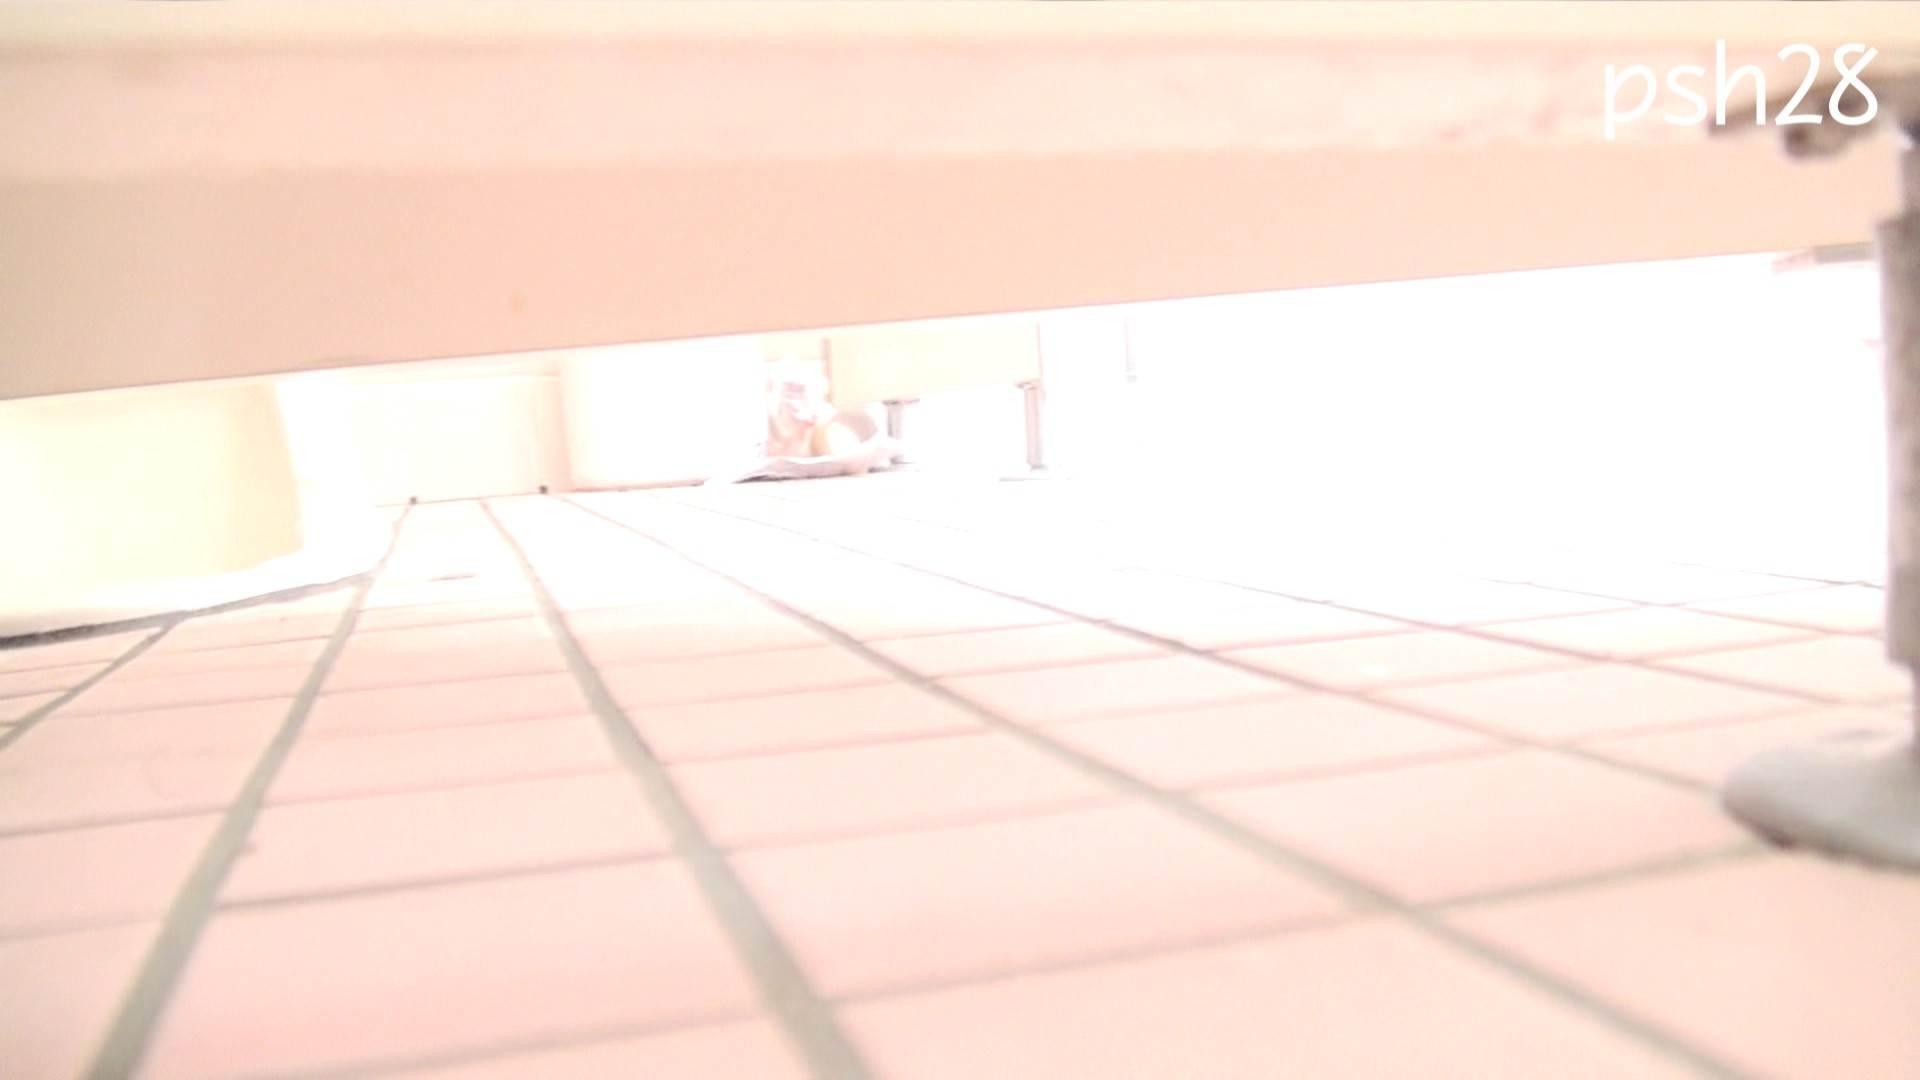 ▲復活限定▲ハイビジョン 盗神伝 Vol.28 色っぽいOL達  95pic 2